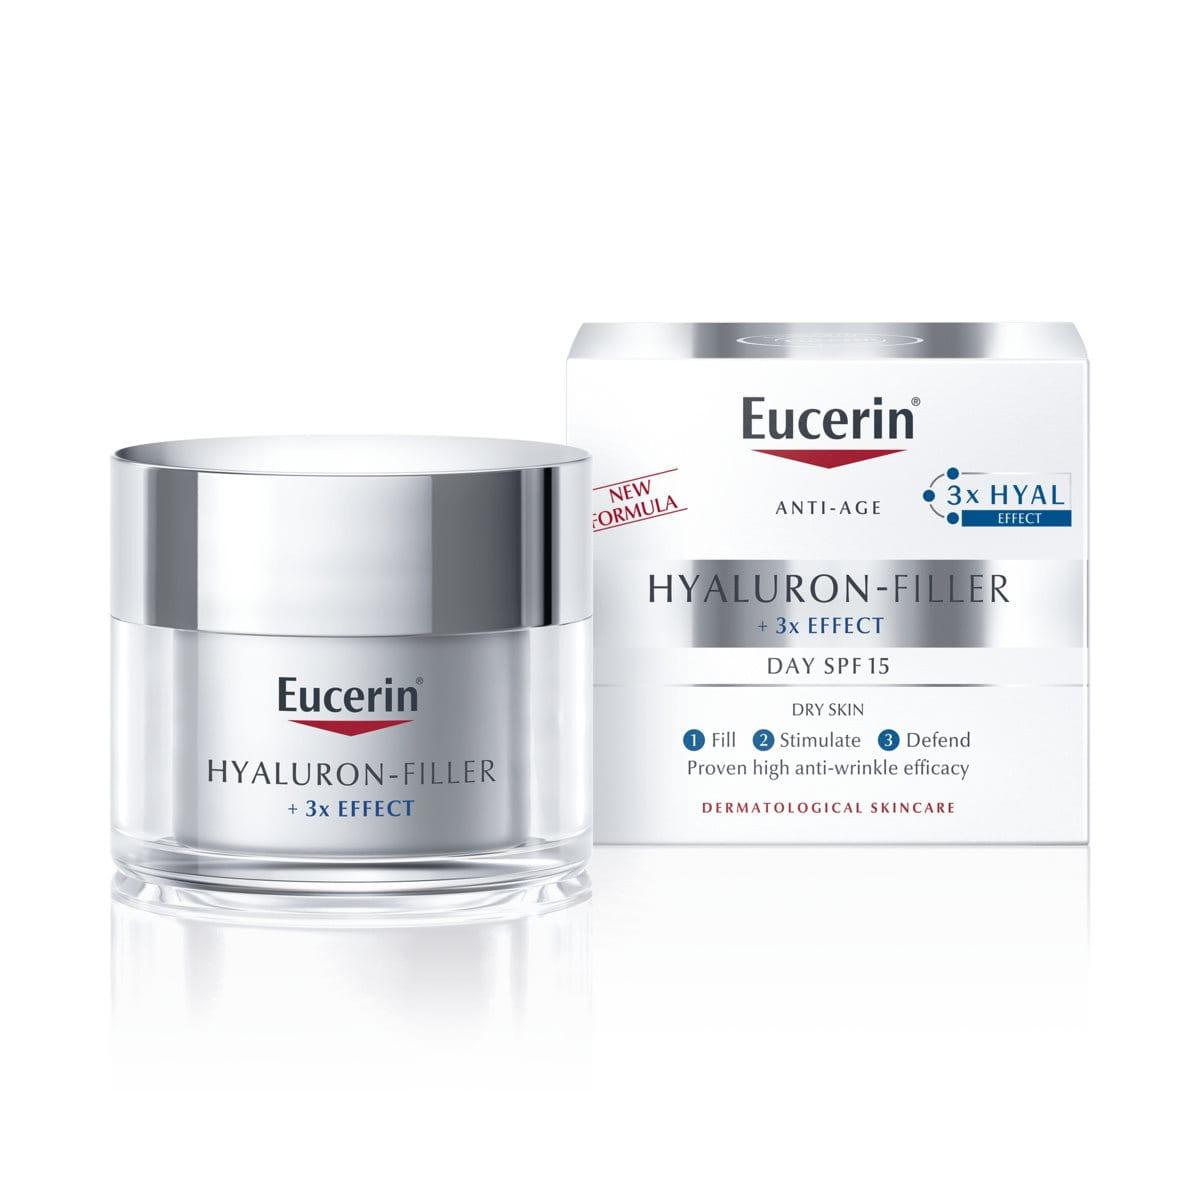 Hyaluron-Filler Day SPF 15 Dry Skin